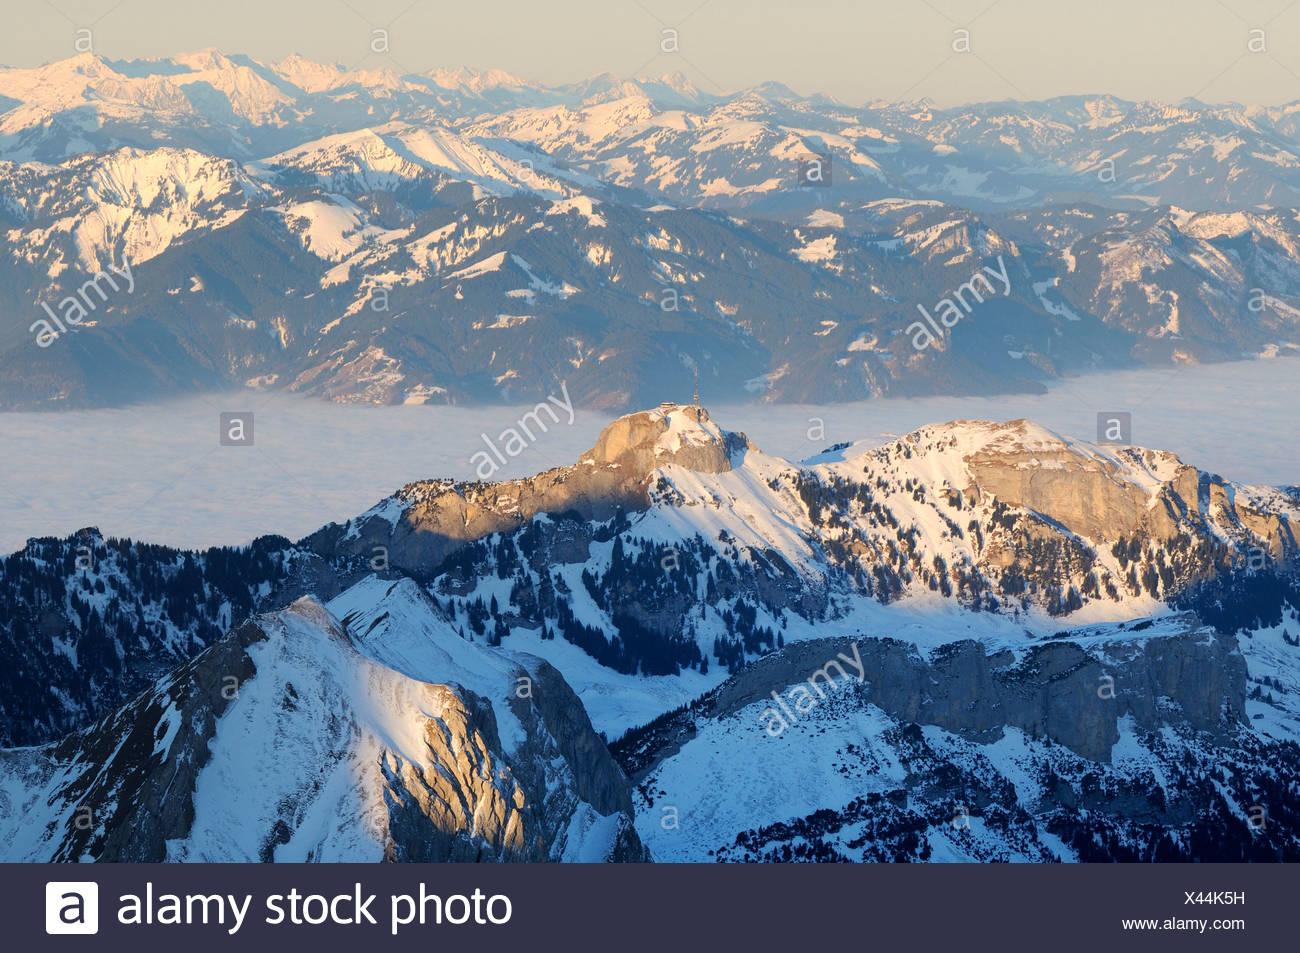 Mt Altmann und Mt Hoher Kasten im letzten Tageslicht, dazwischen die nebligen Rheintal Tal, Kanton Appenzell Innerrhoden, Switz Stockbild